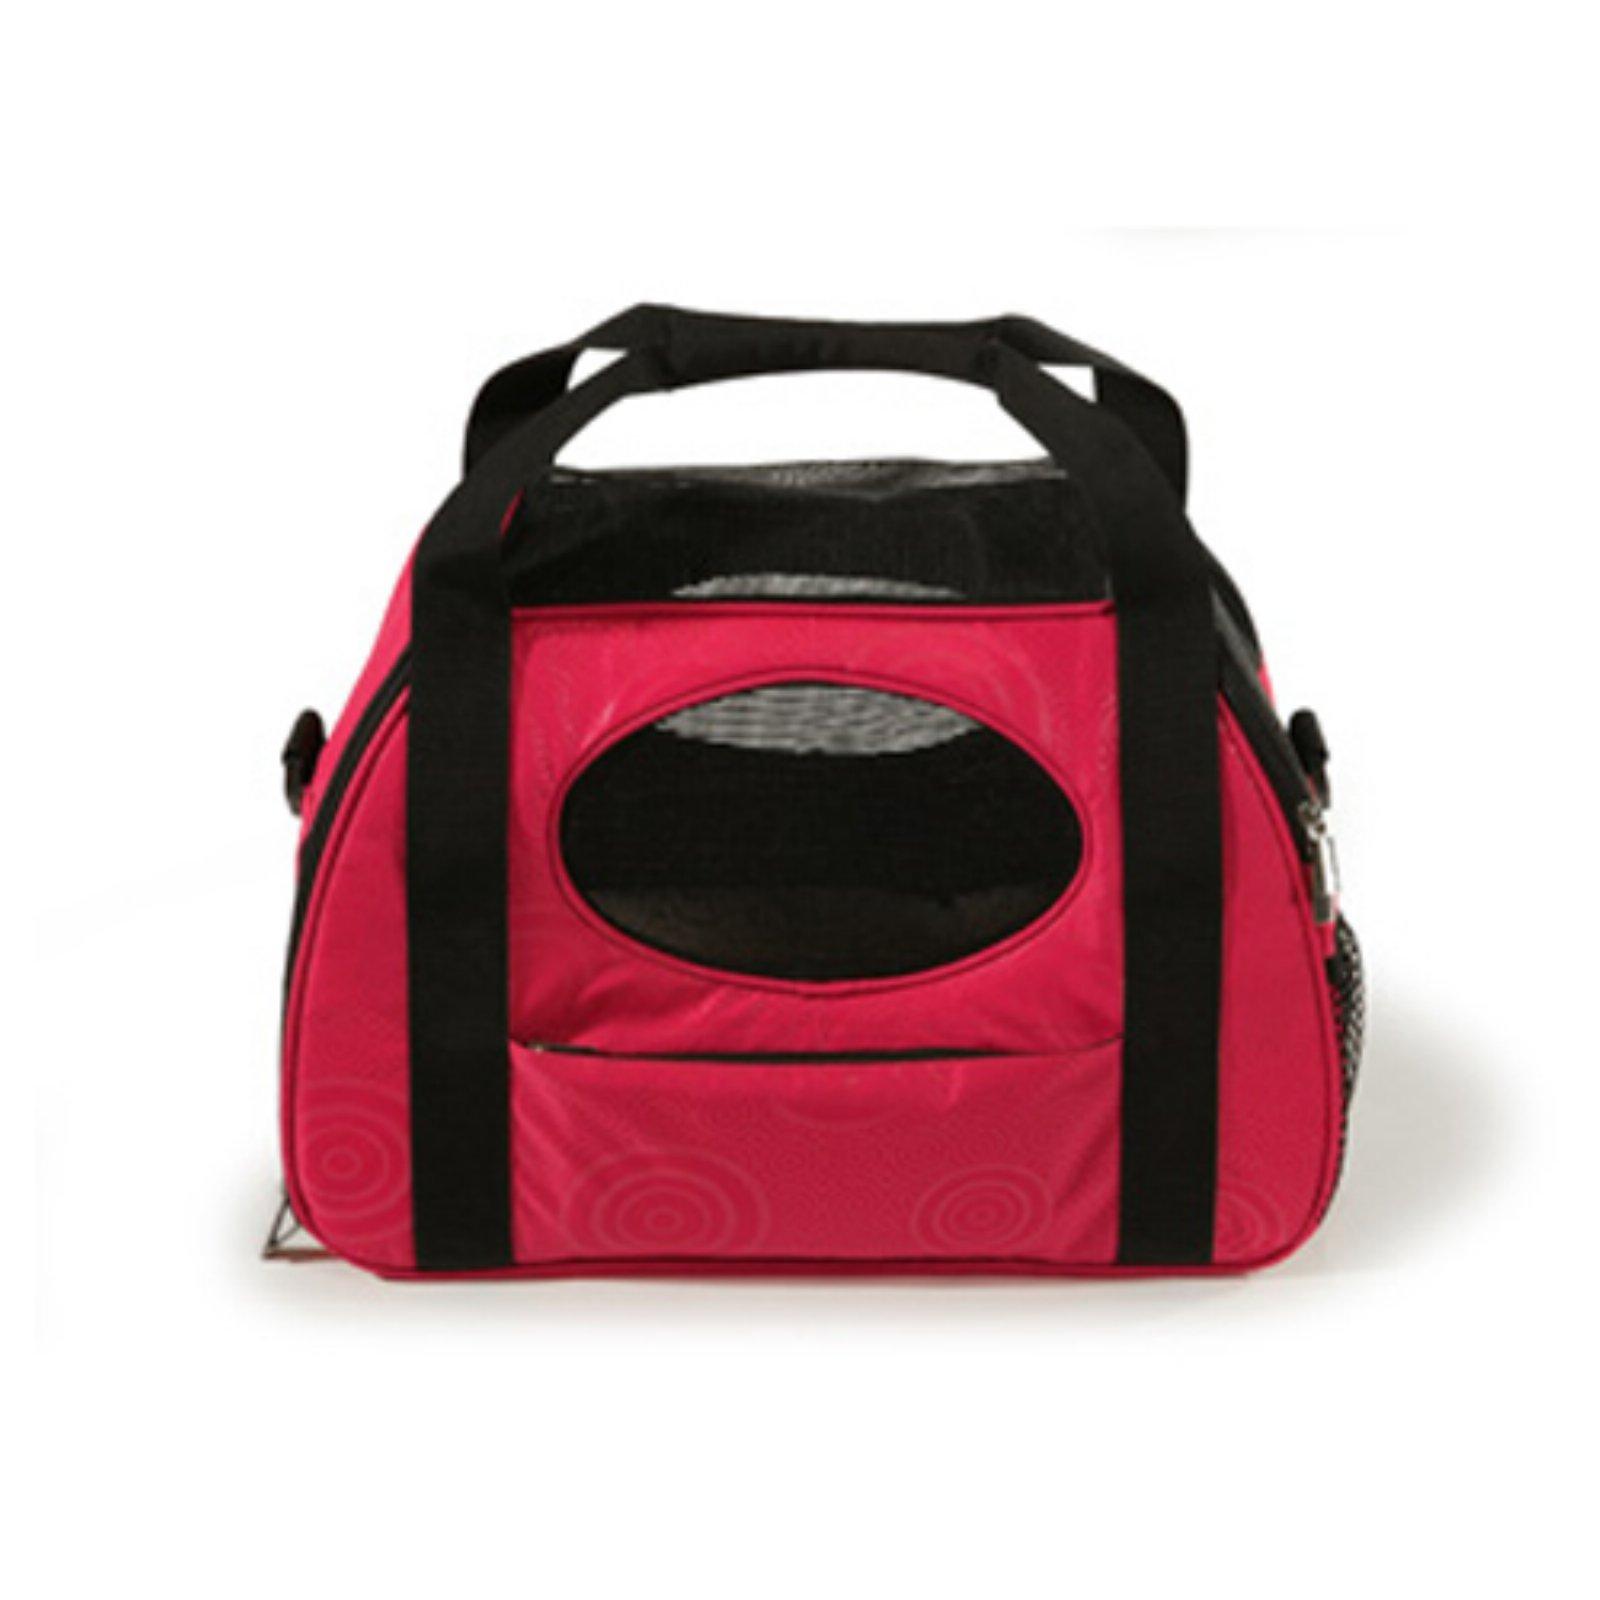 Gen7Pets Carry-Me Pet Carrier, Raspberry Sorbet by Gen7Pets